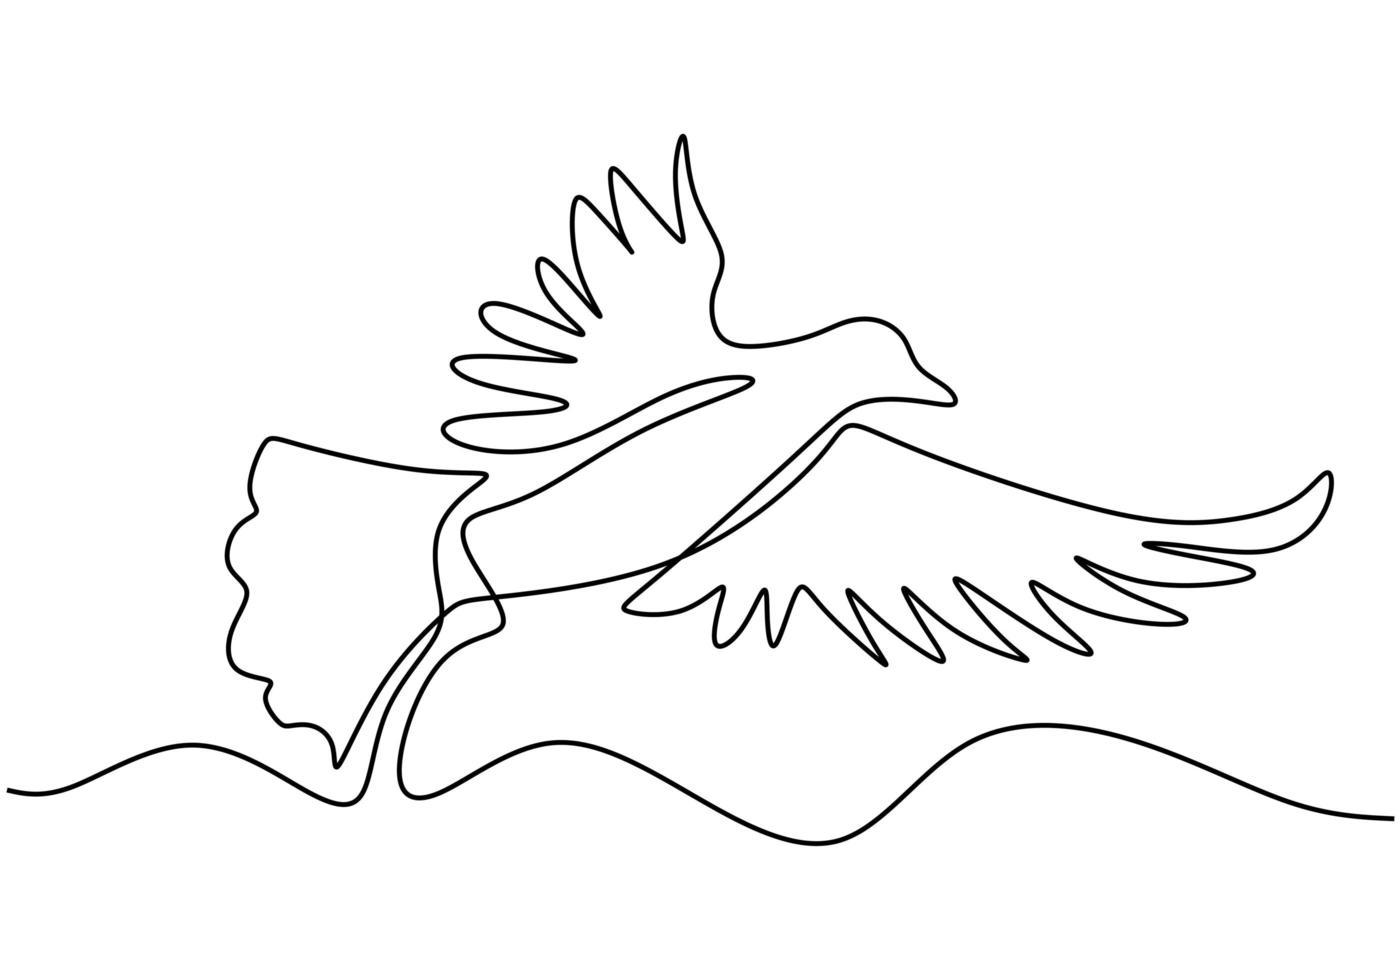 desenho de uma linha contínua. animal pombo voador. vetor